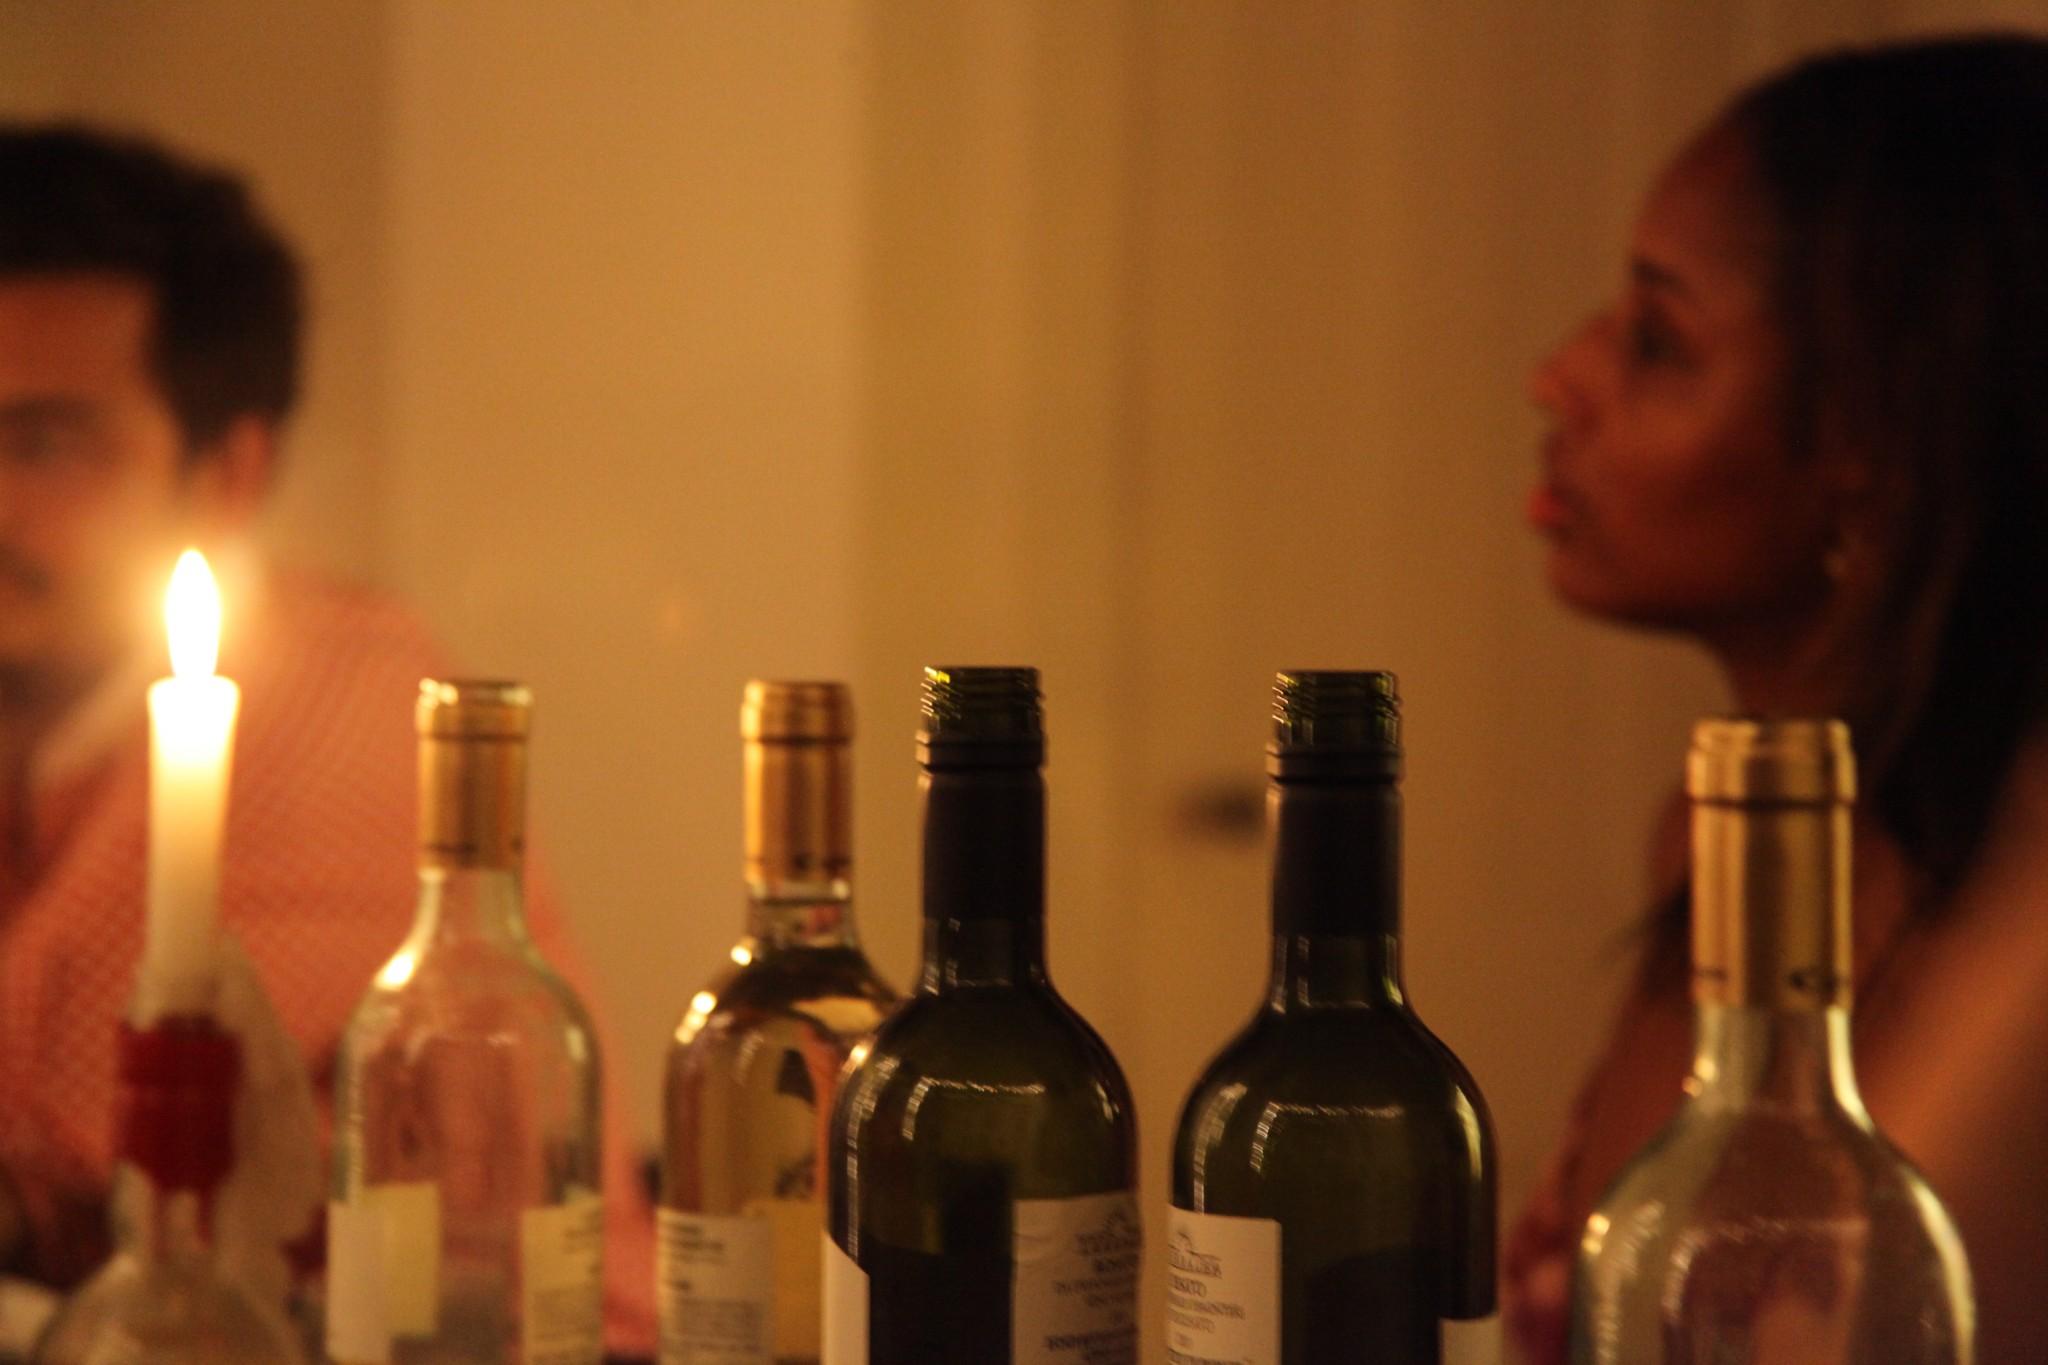 de Porres wine pairing